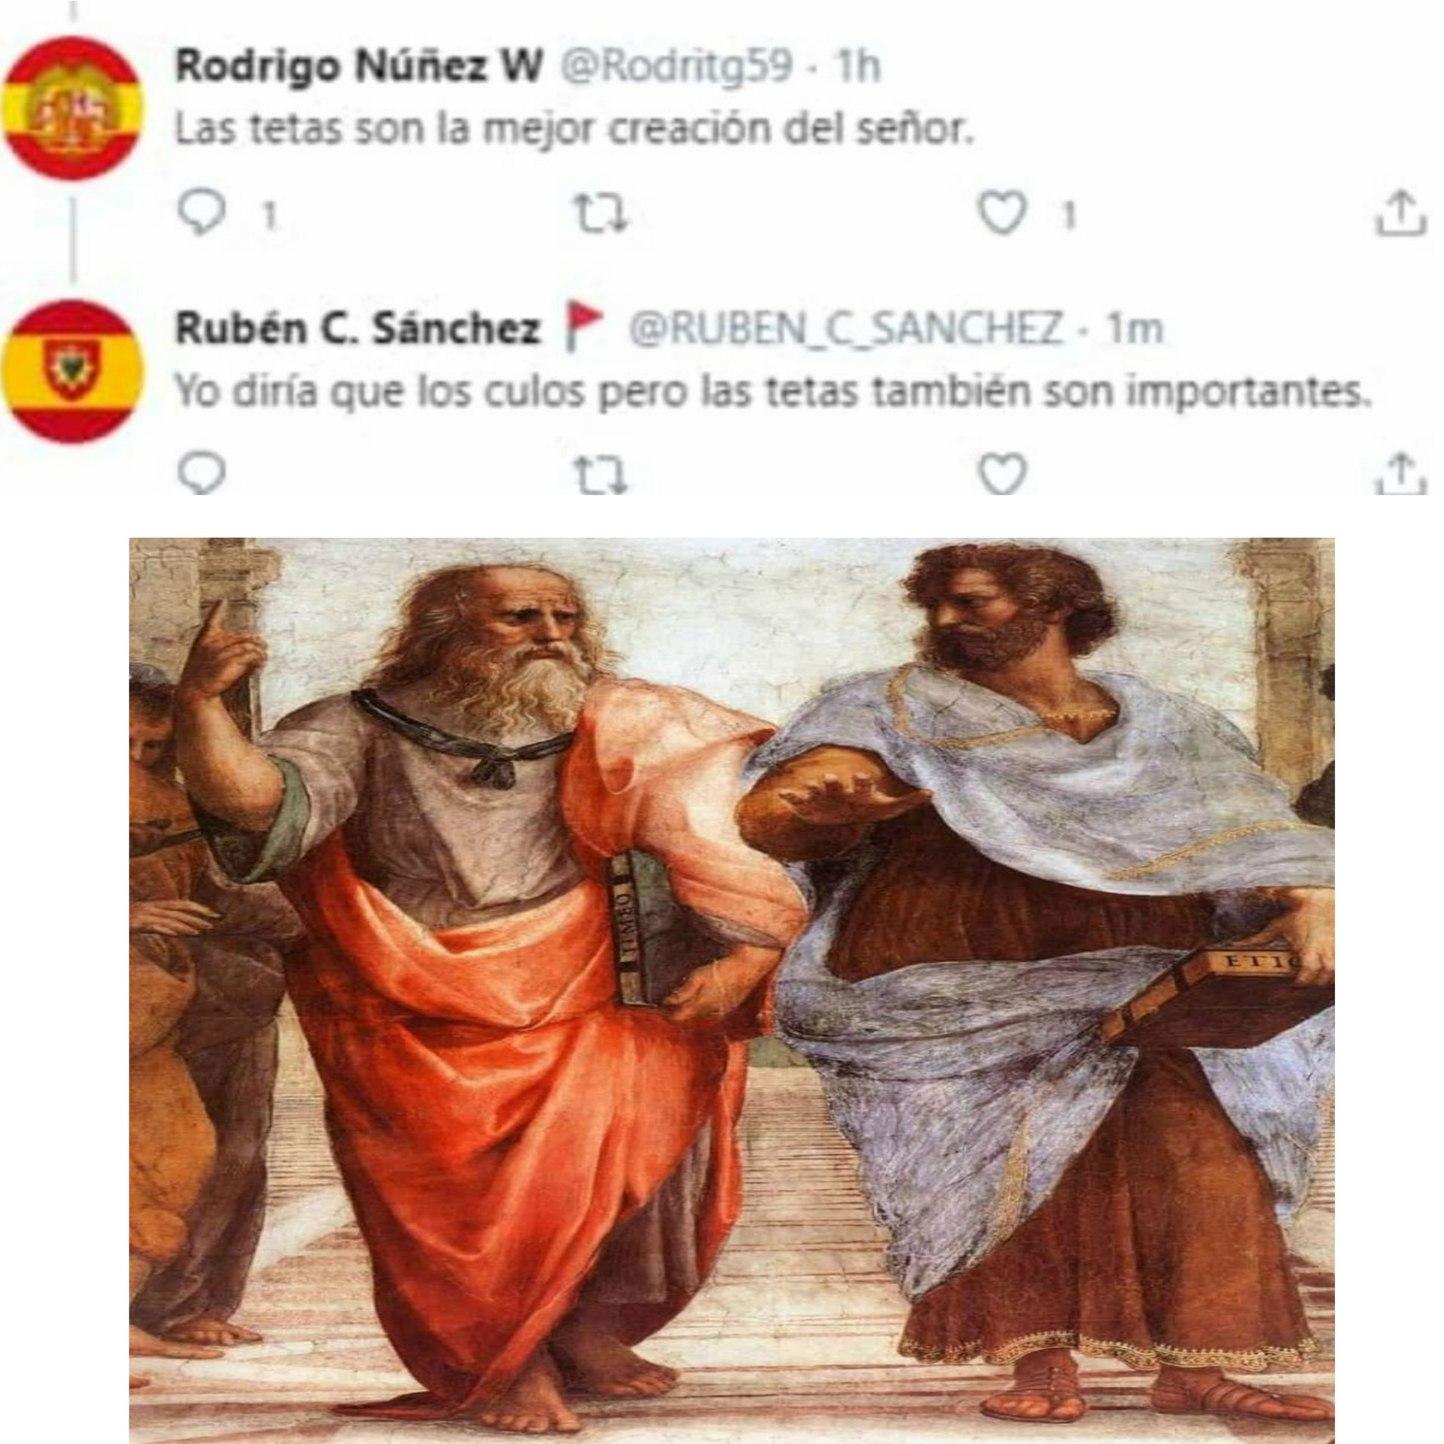 Abro debate: ano o pezón - meme